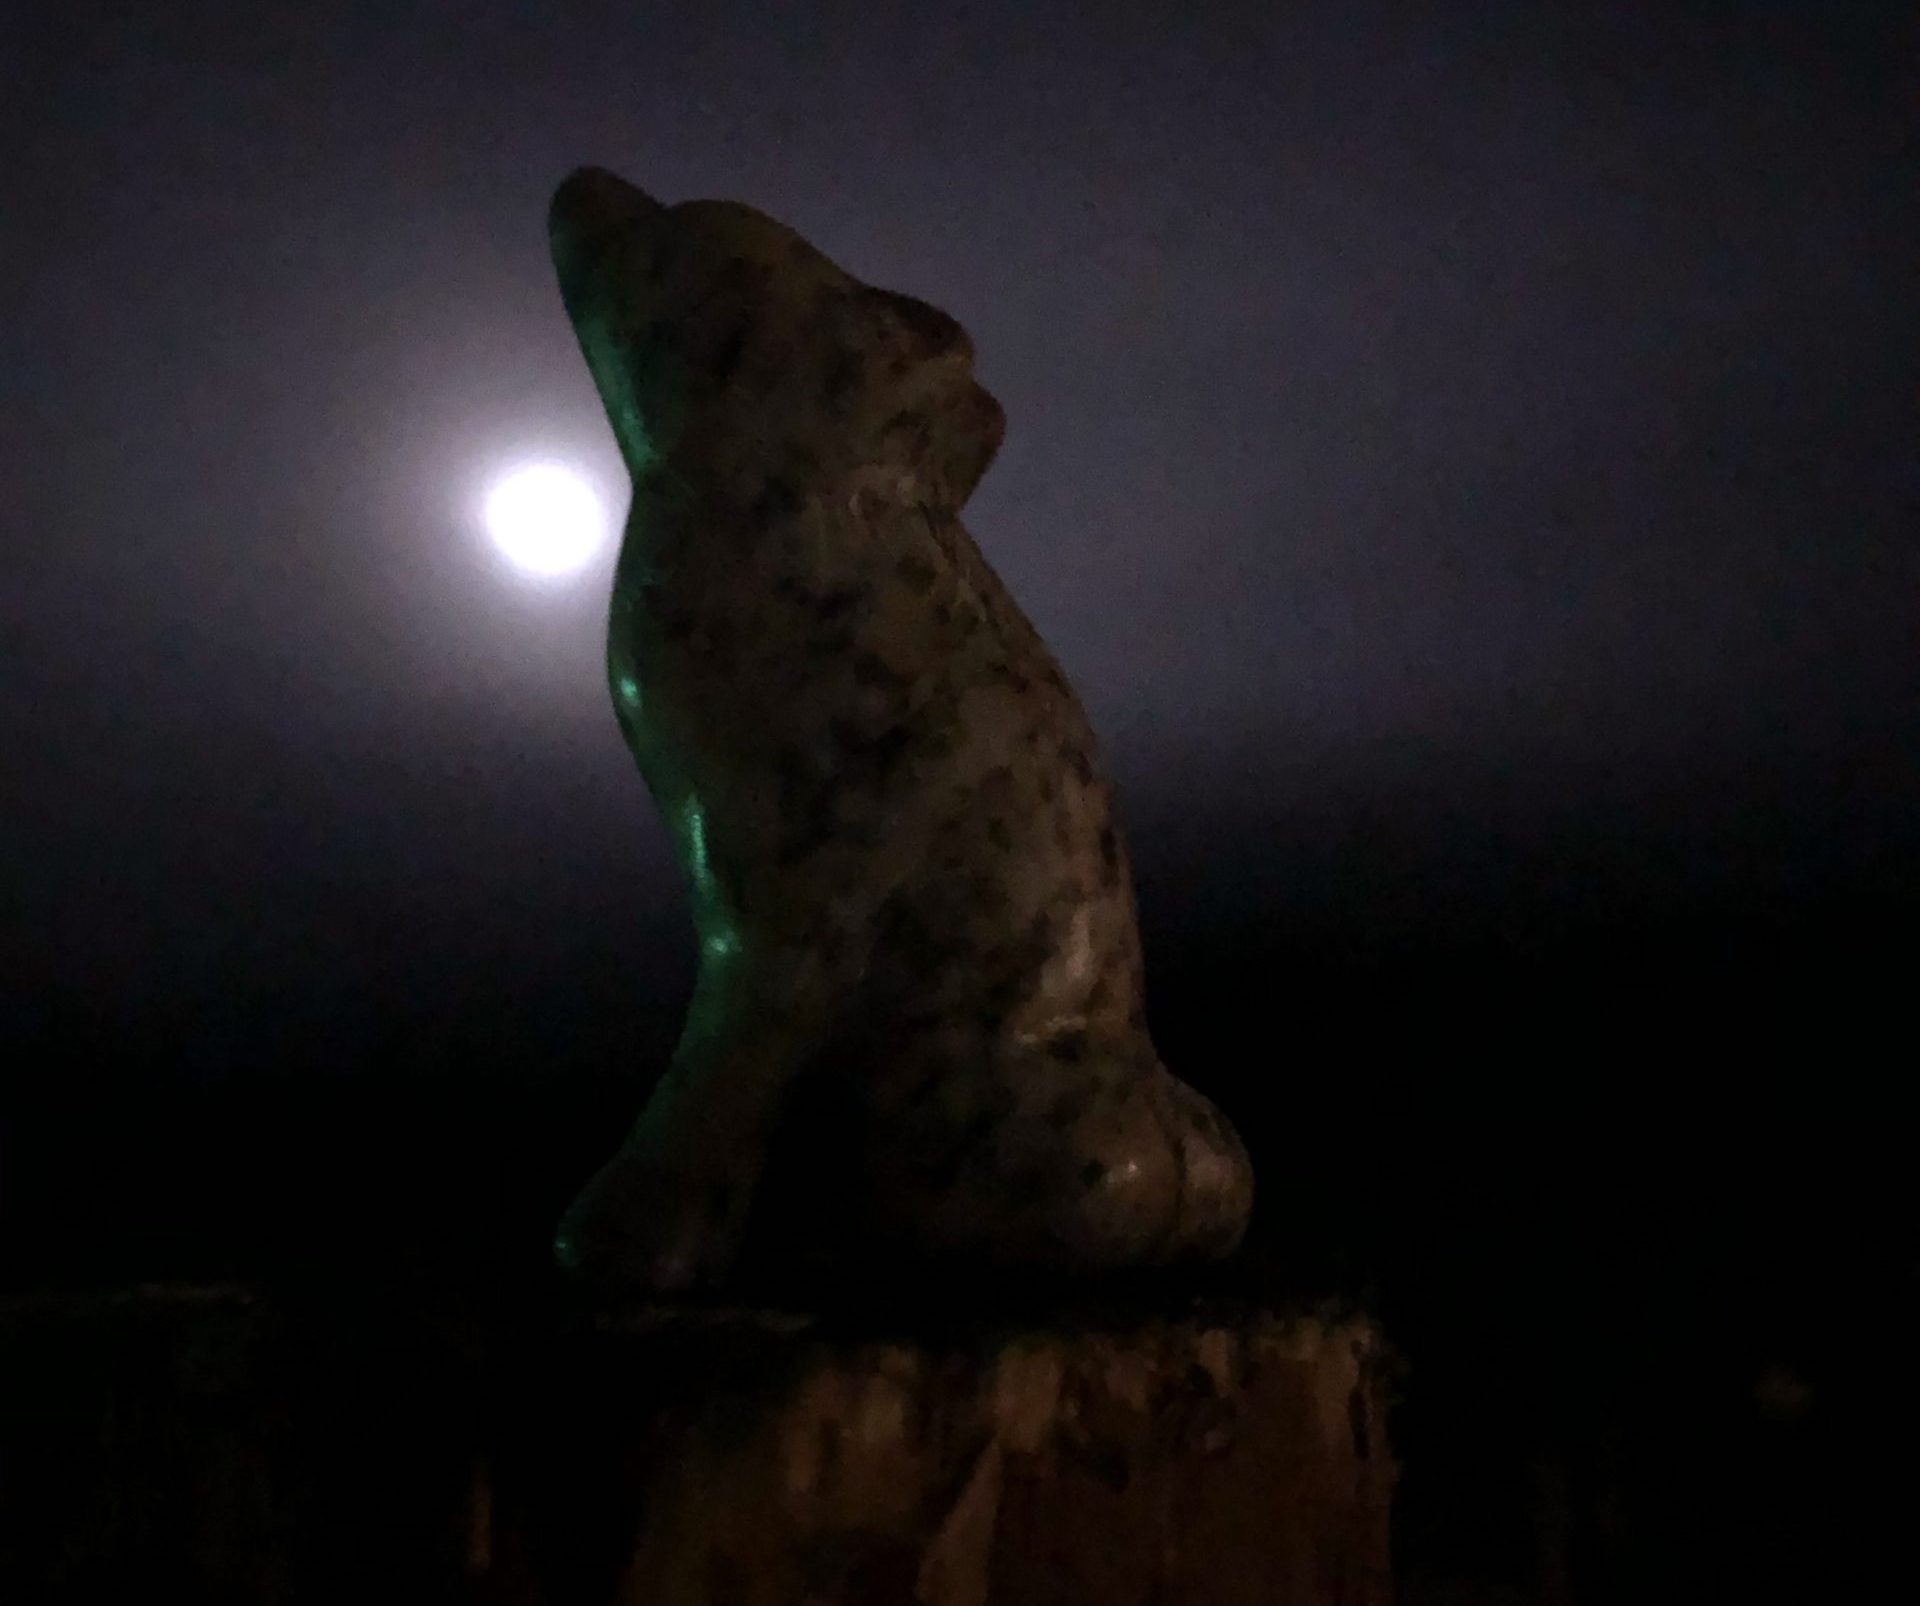 Sculpture d'un loup en pierre à savon dans la nuit avec la lune